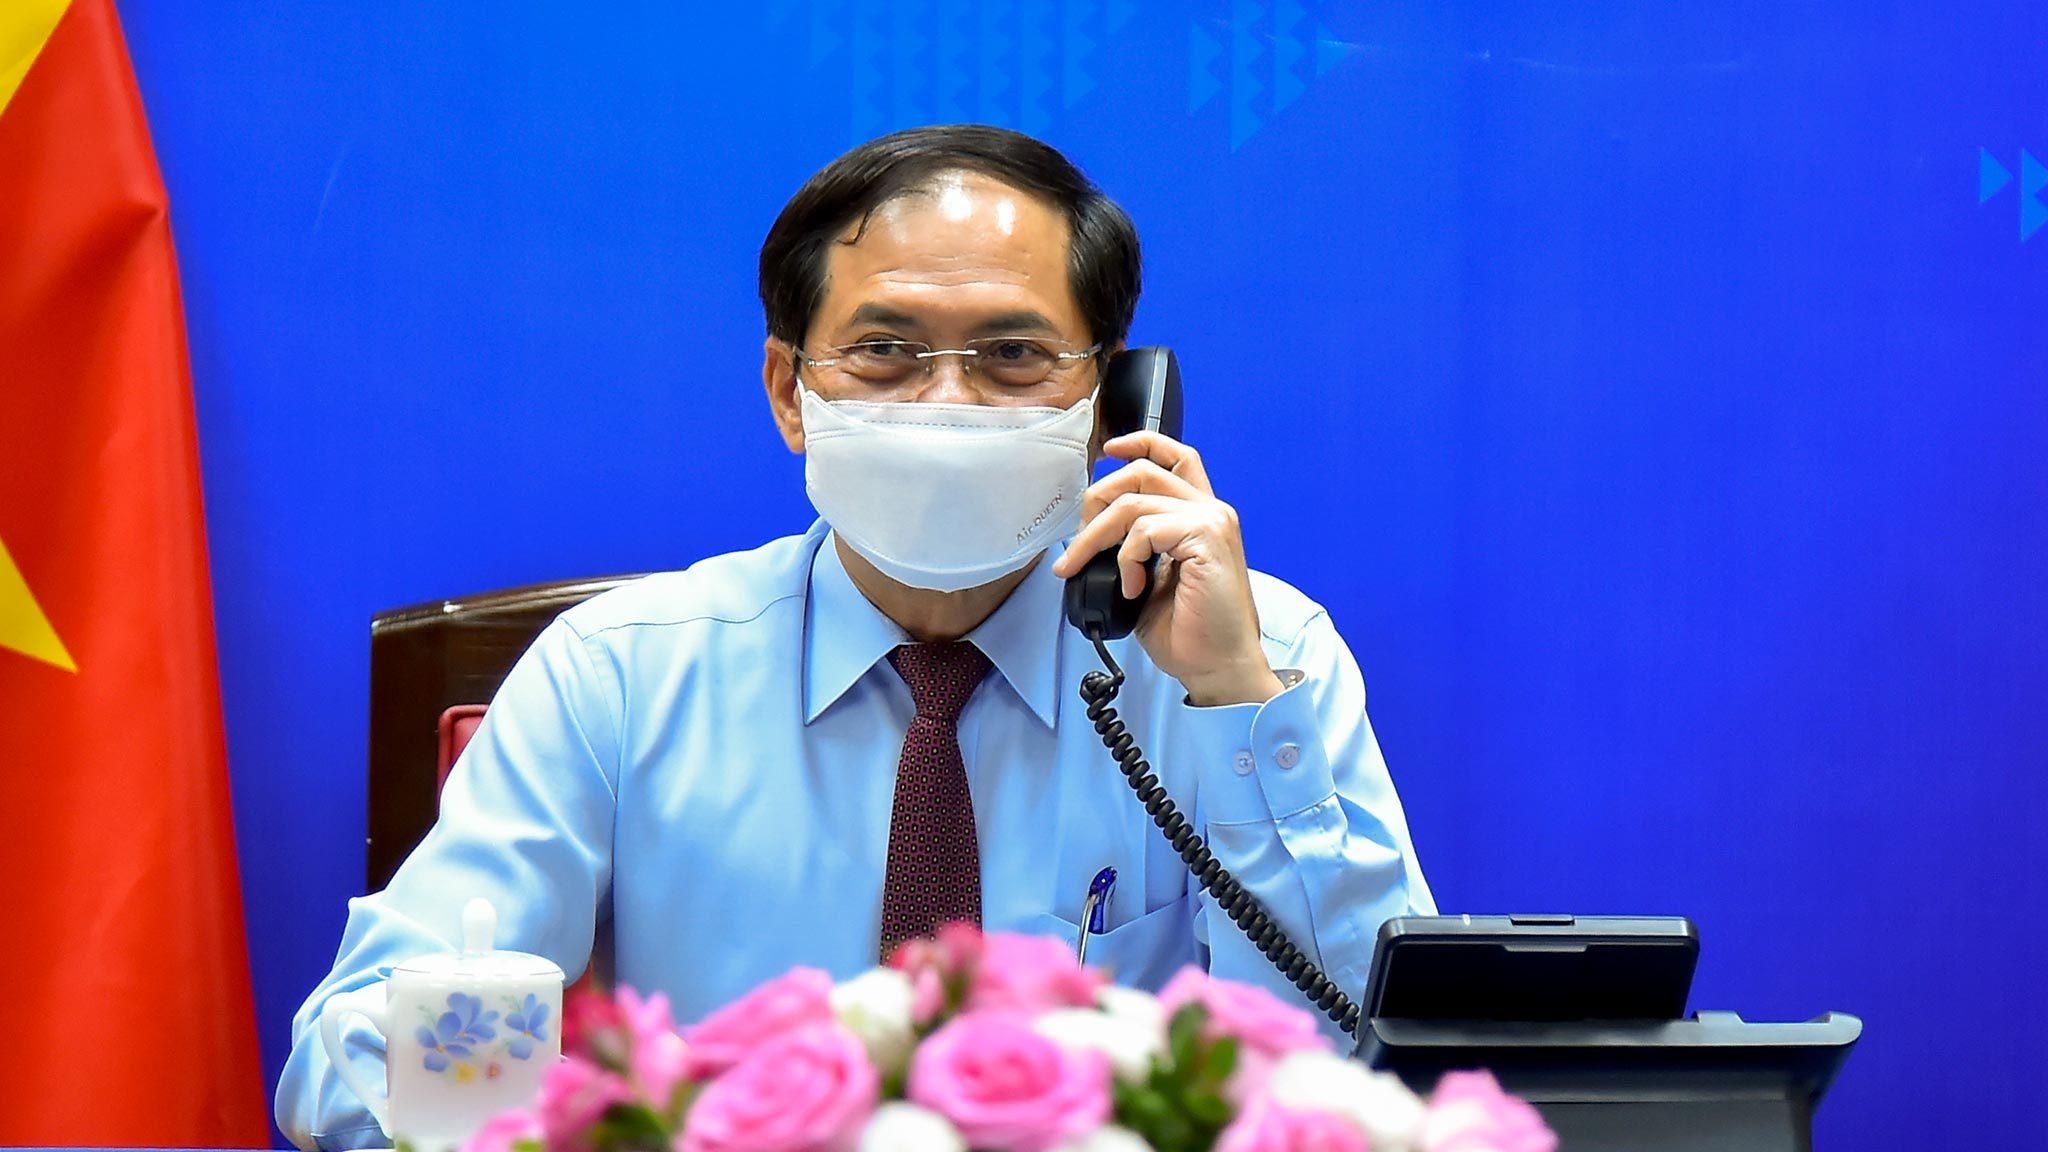 Canada cam kết hỗ trợ Việt Nam tiếp cận vắc xin Covid-19